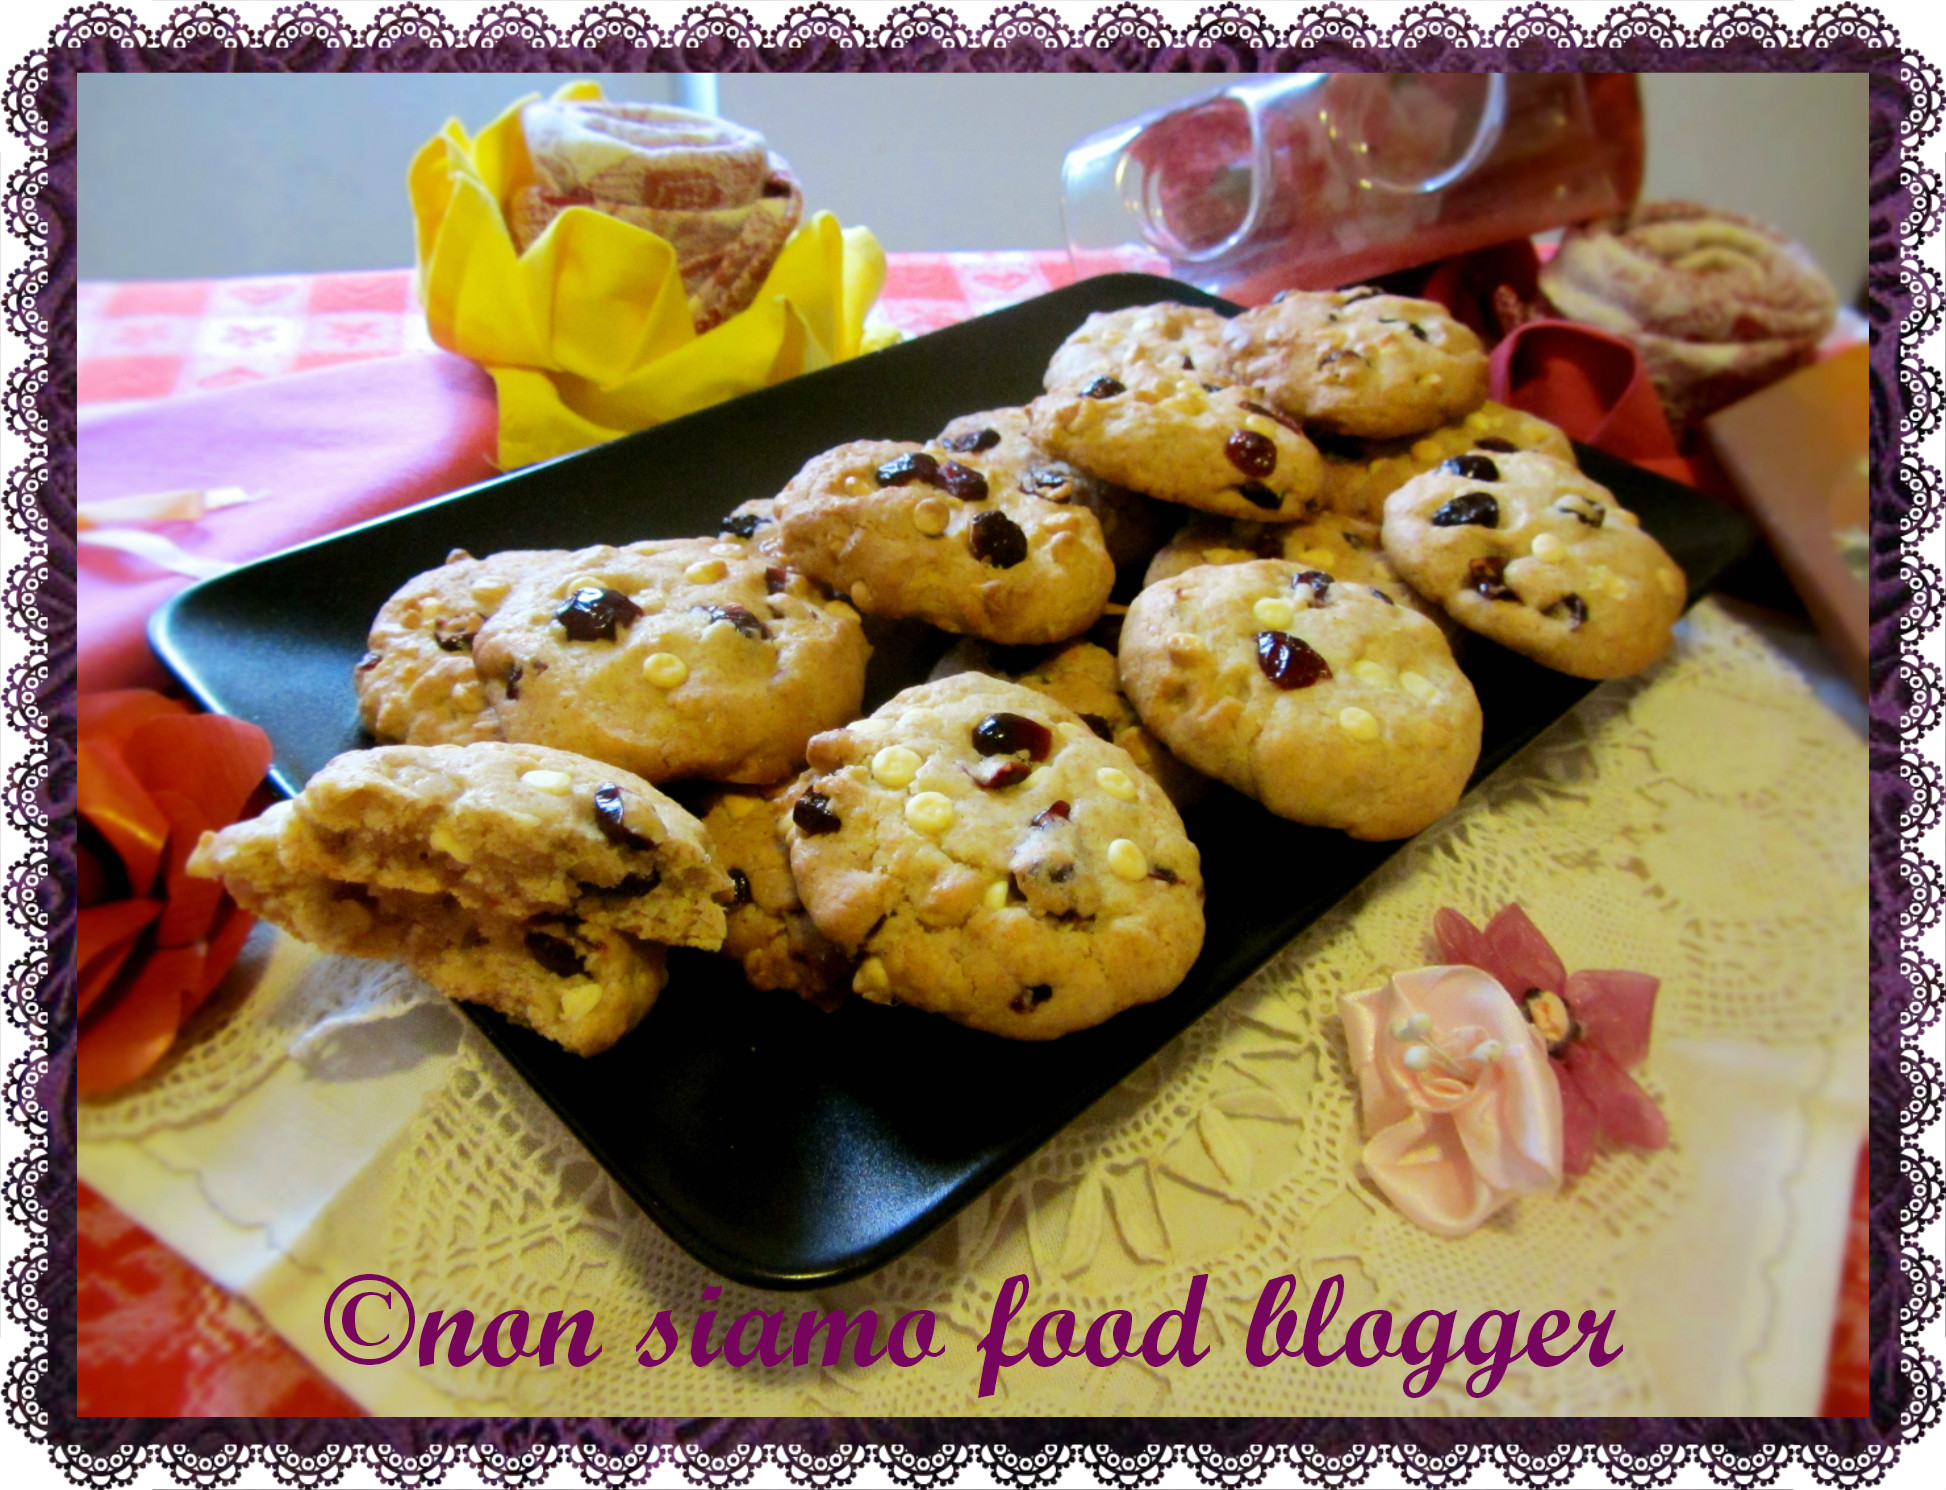 Ricetta Cookies Cioccolato Bianco E Mirtilli.Cookies Senza Burro Cioccolato Bianco E Mirtilli Nonsiamofoodblogger